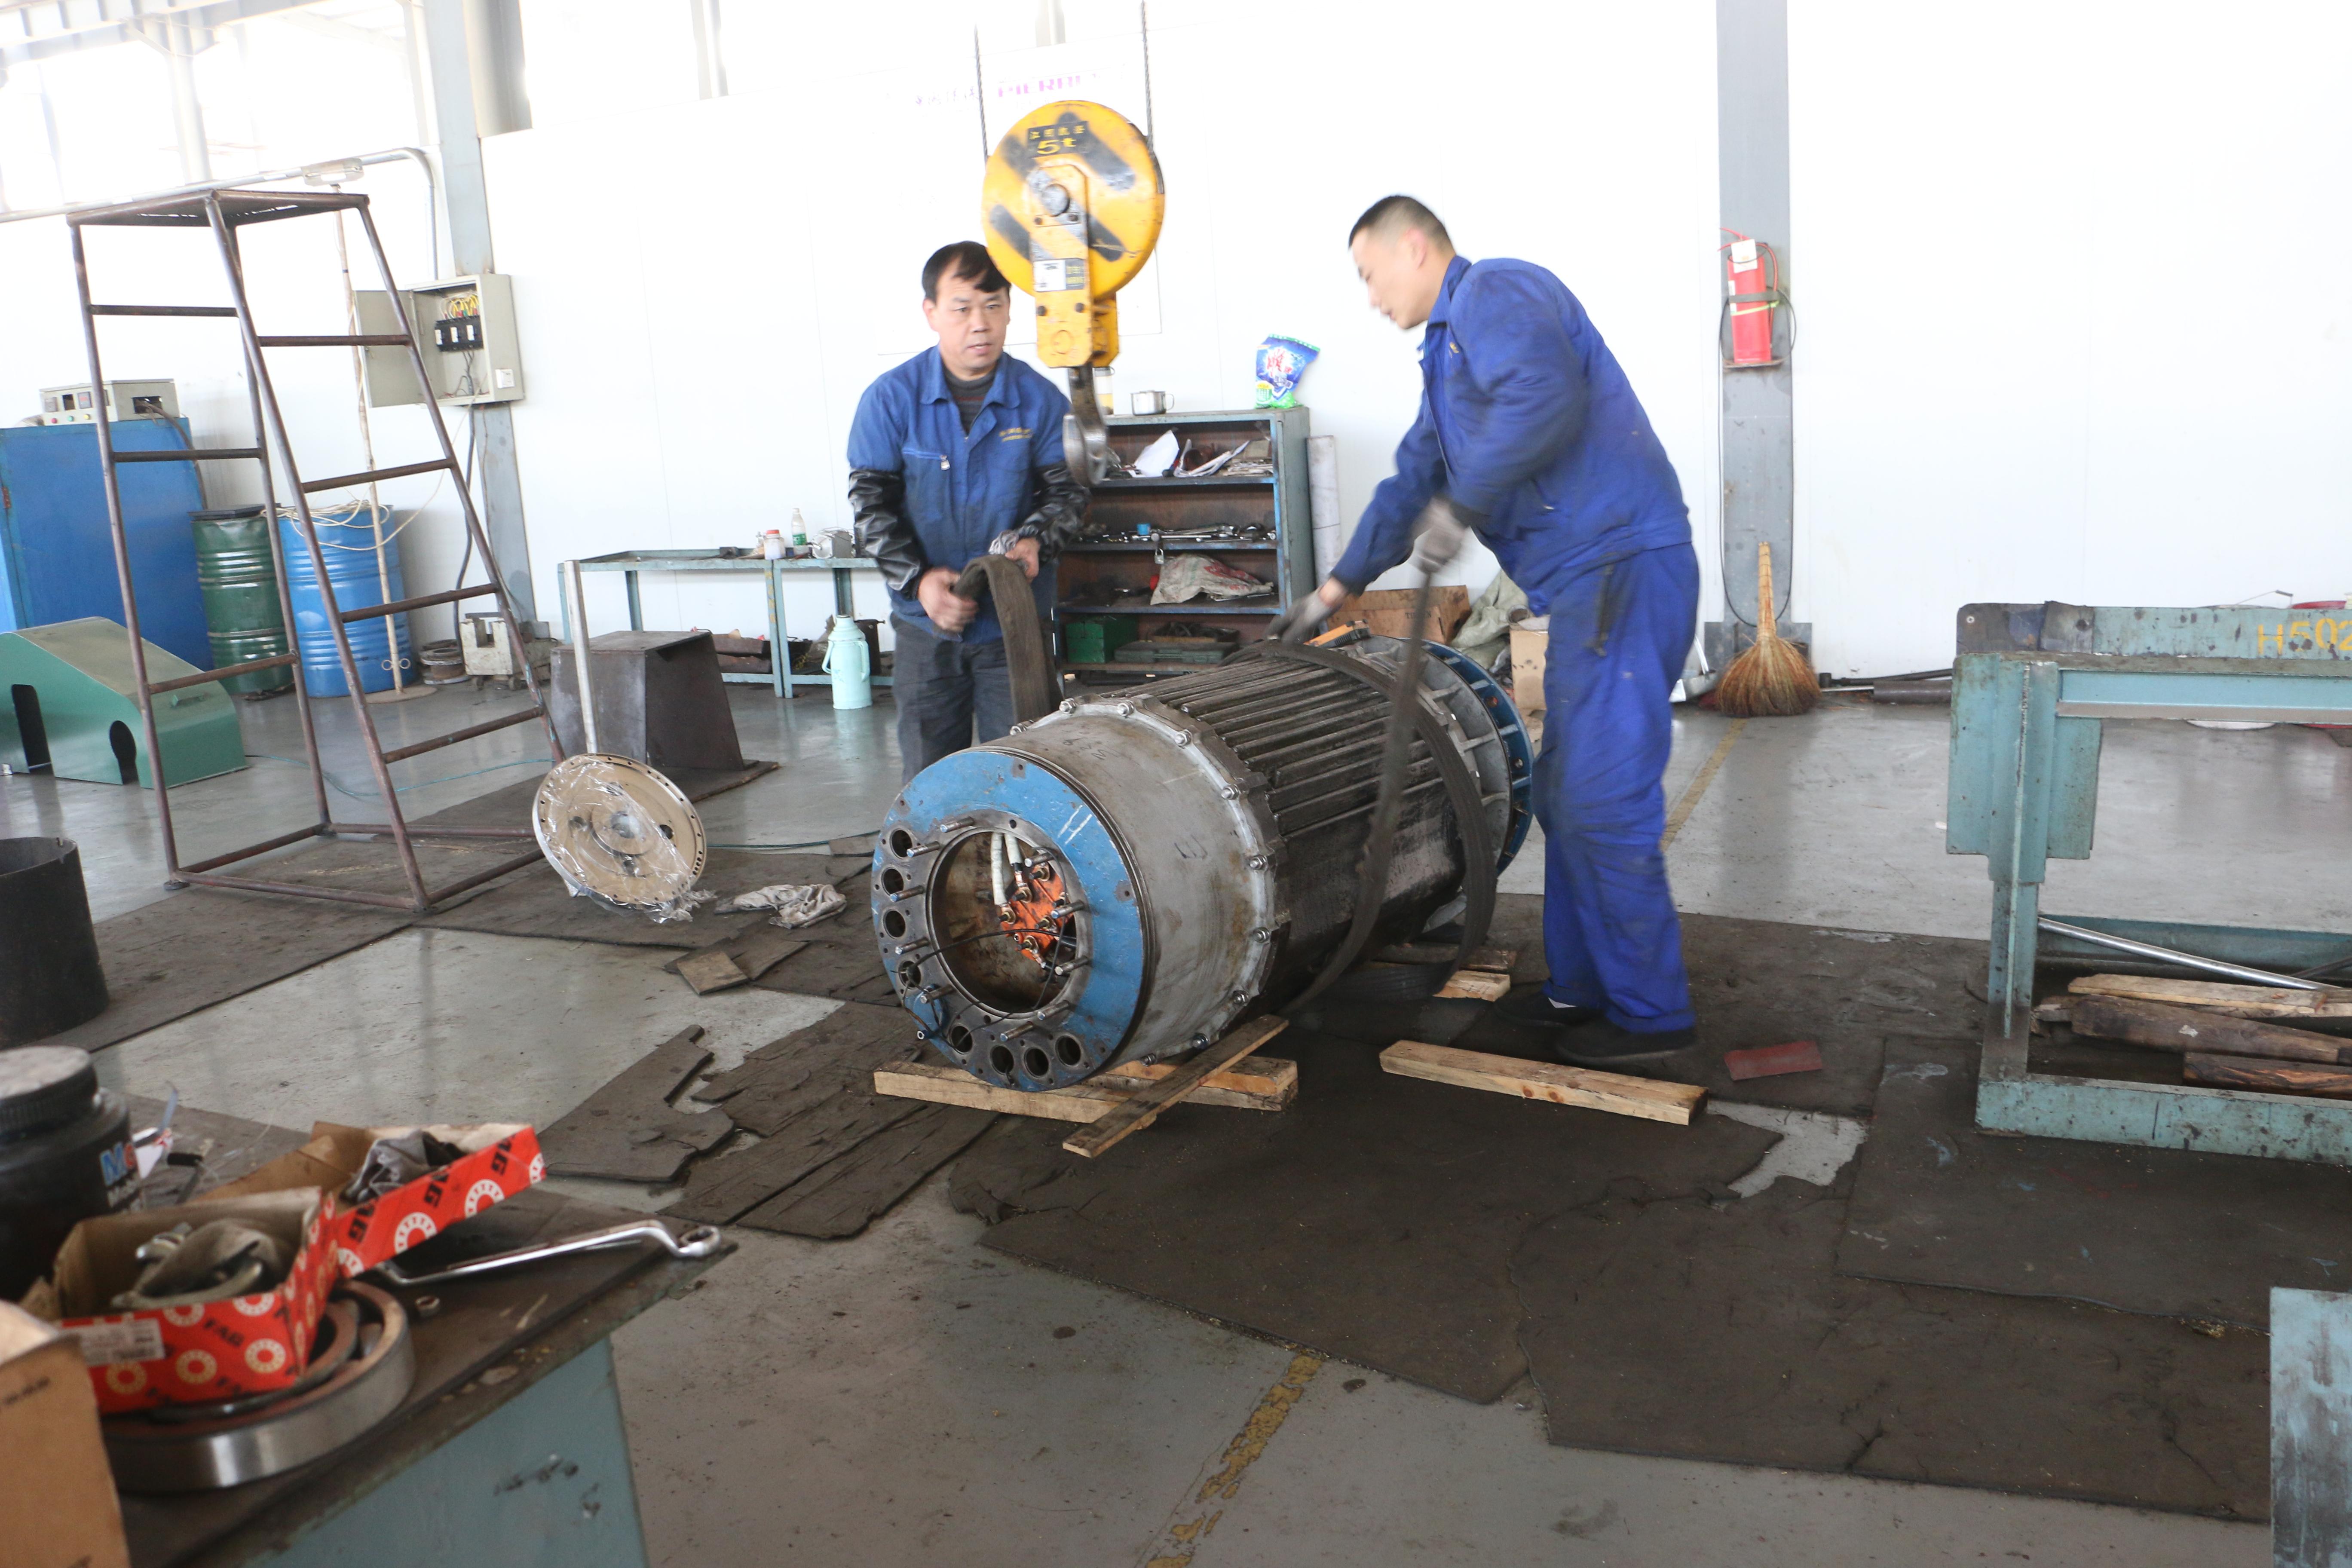 天津天津周边华大550进口离心机国产离心机认准维修好厂家